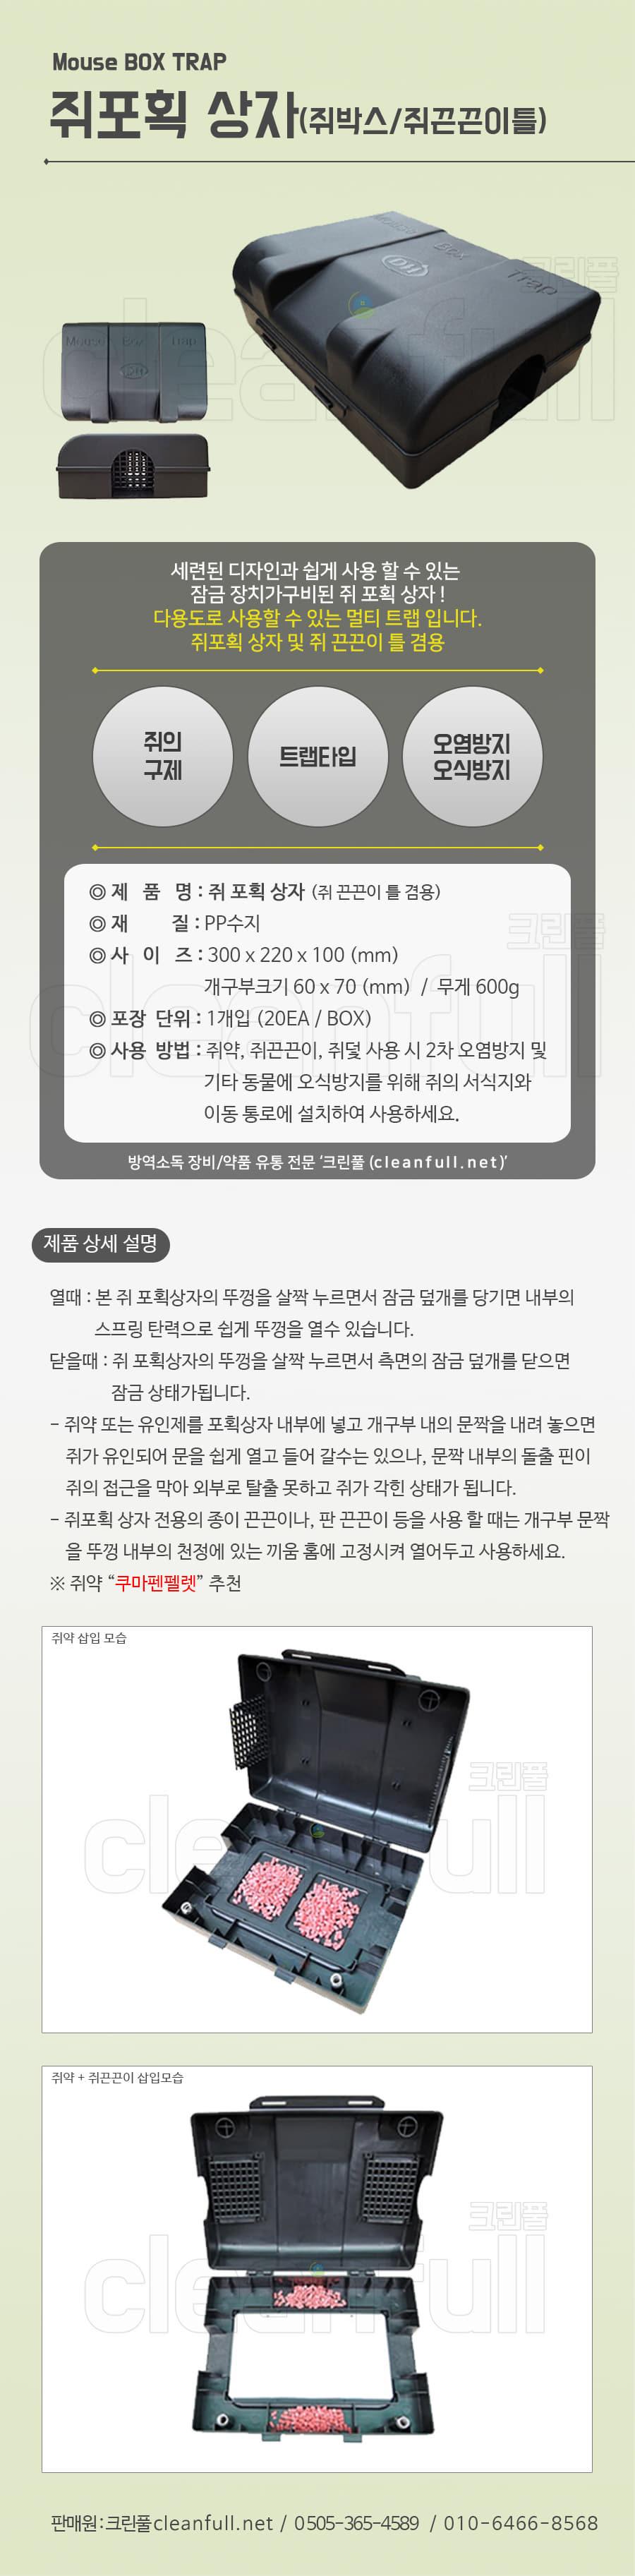 [B2B/도매] 쥐포획상자(쥐포획장치) 상세페이지_DH쥐끈끈이틀_쥐박스_쥐통 방역 소독업 전문가용